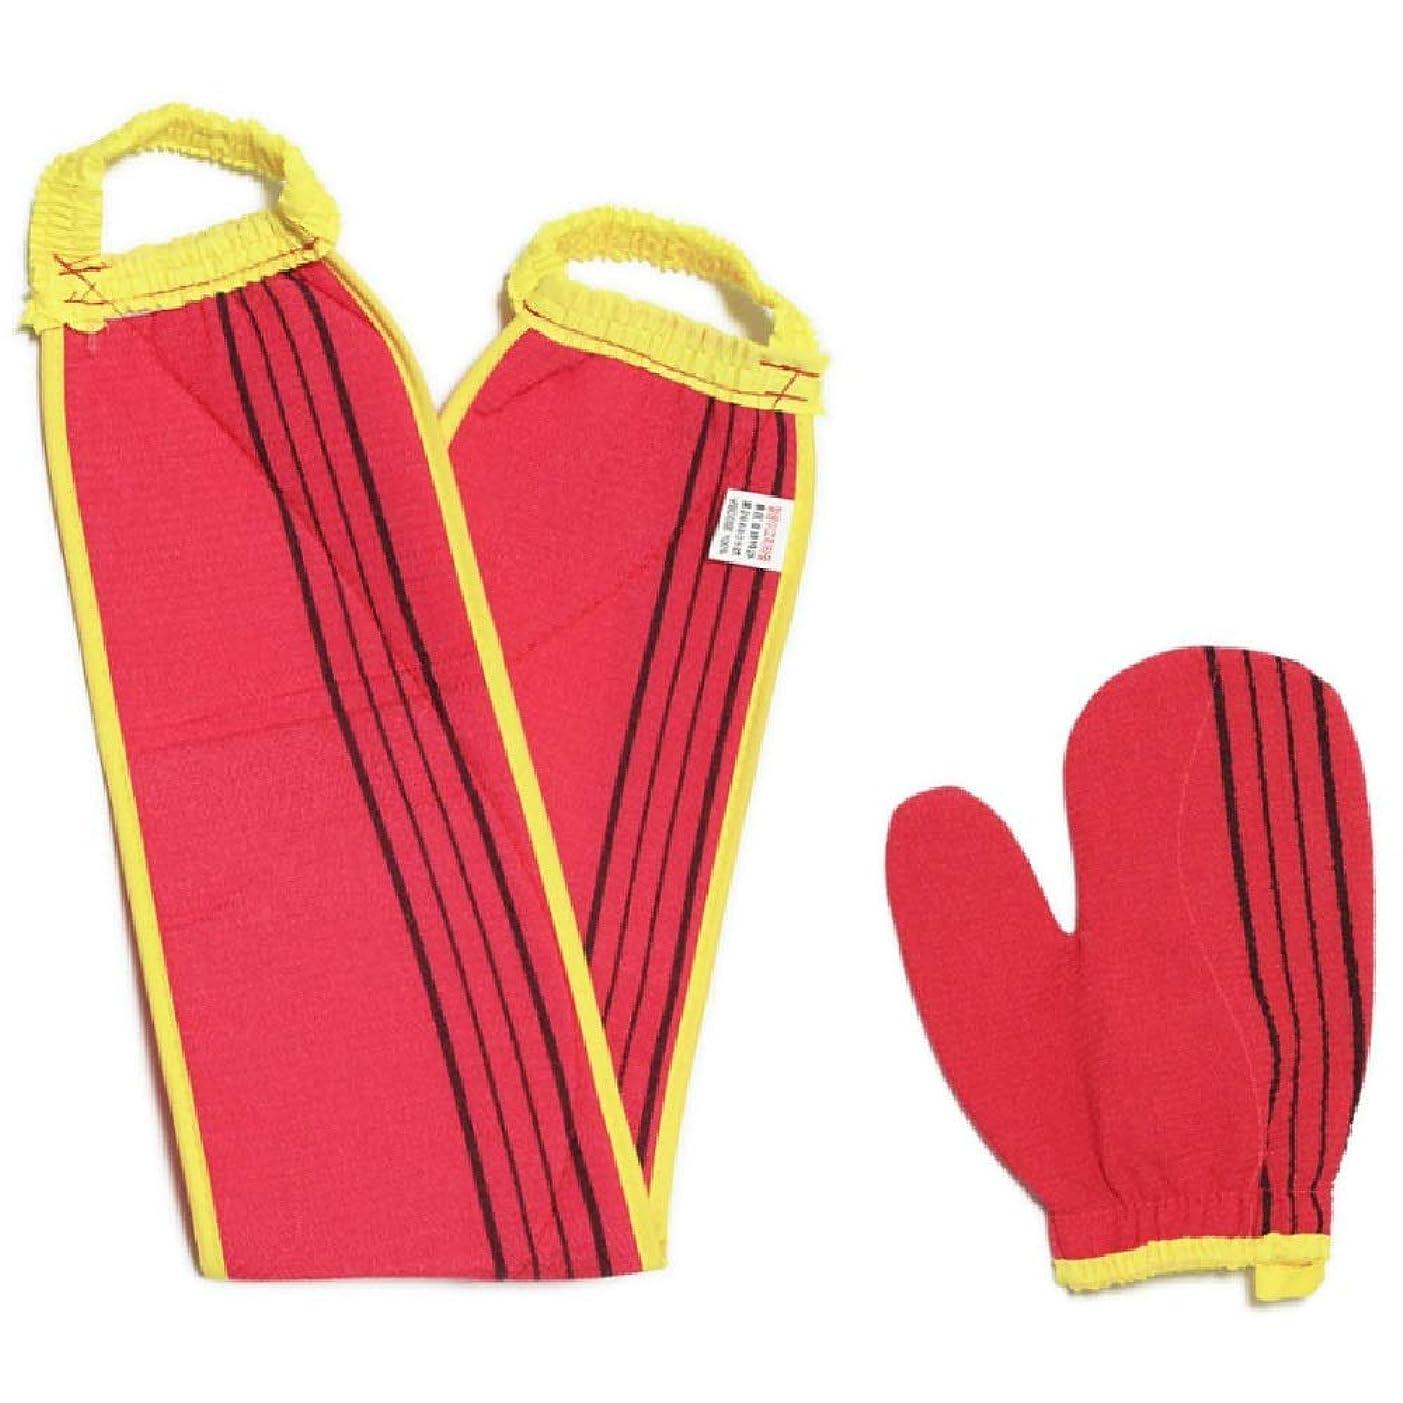 アパル液化するホール(韓国ブランド) スポンジあかすりセット 全身あかすり 手袋と背中のあかすり 全身エステ 両面つばあかすり お風呂グッズ ボディタオル ボディースポンジ (赤色セット)